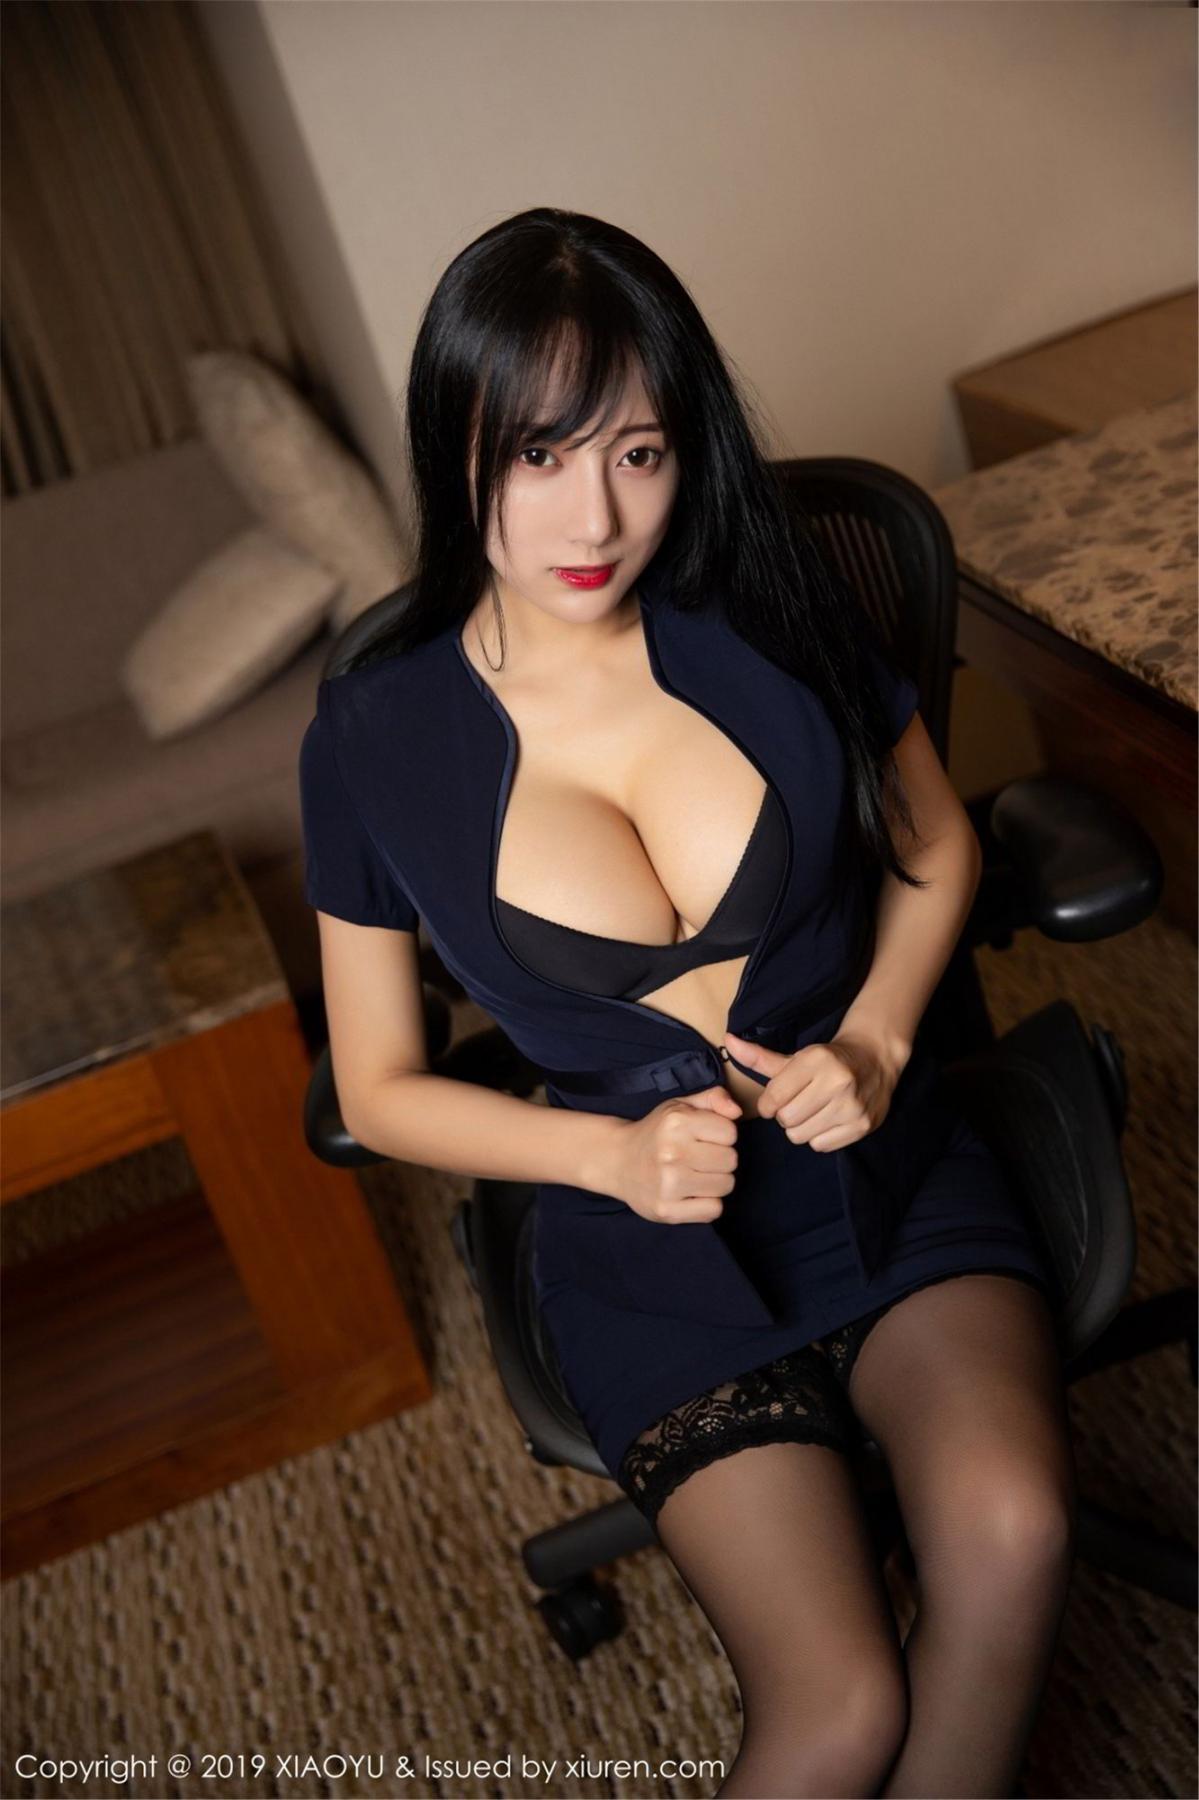 [XiaoYu] Vol.068 He Jia Ying 19P, Black Silk, He Jia Ying, Uniform, XiaoYu